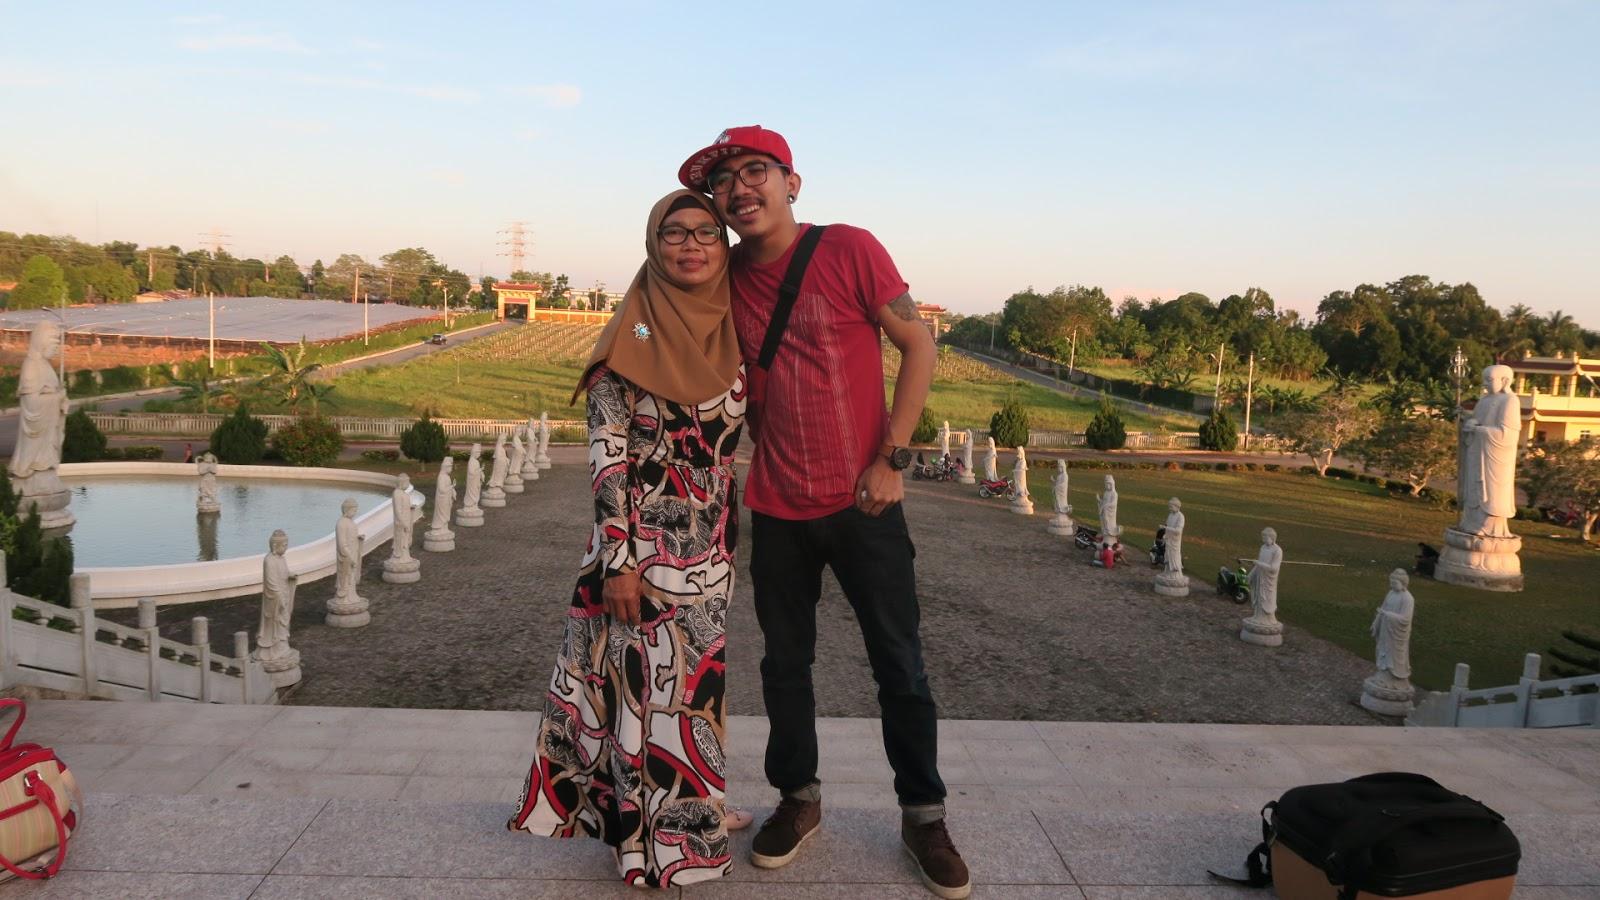 Blog Indonesia Page 2395 Of 2406 Tcash Vaganza 34 Monalisa Sarung Bantal Guling Motif Cars Masuk Ke Bagian Dalam Vihara Gue Langsung Mangap Ternyata Luar Biasa Megah Dan Menakjubkan Isinya Ada Patung Buddha Gede Banget